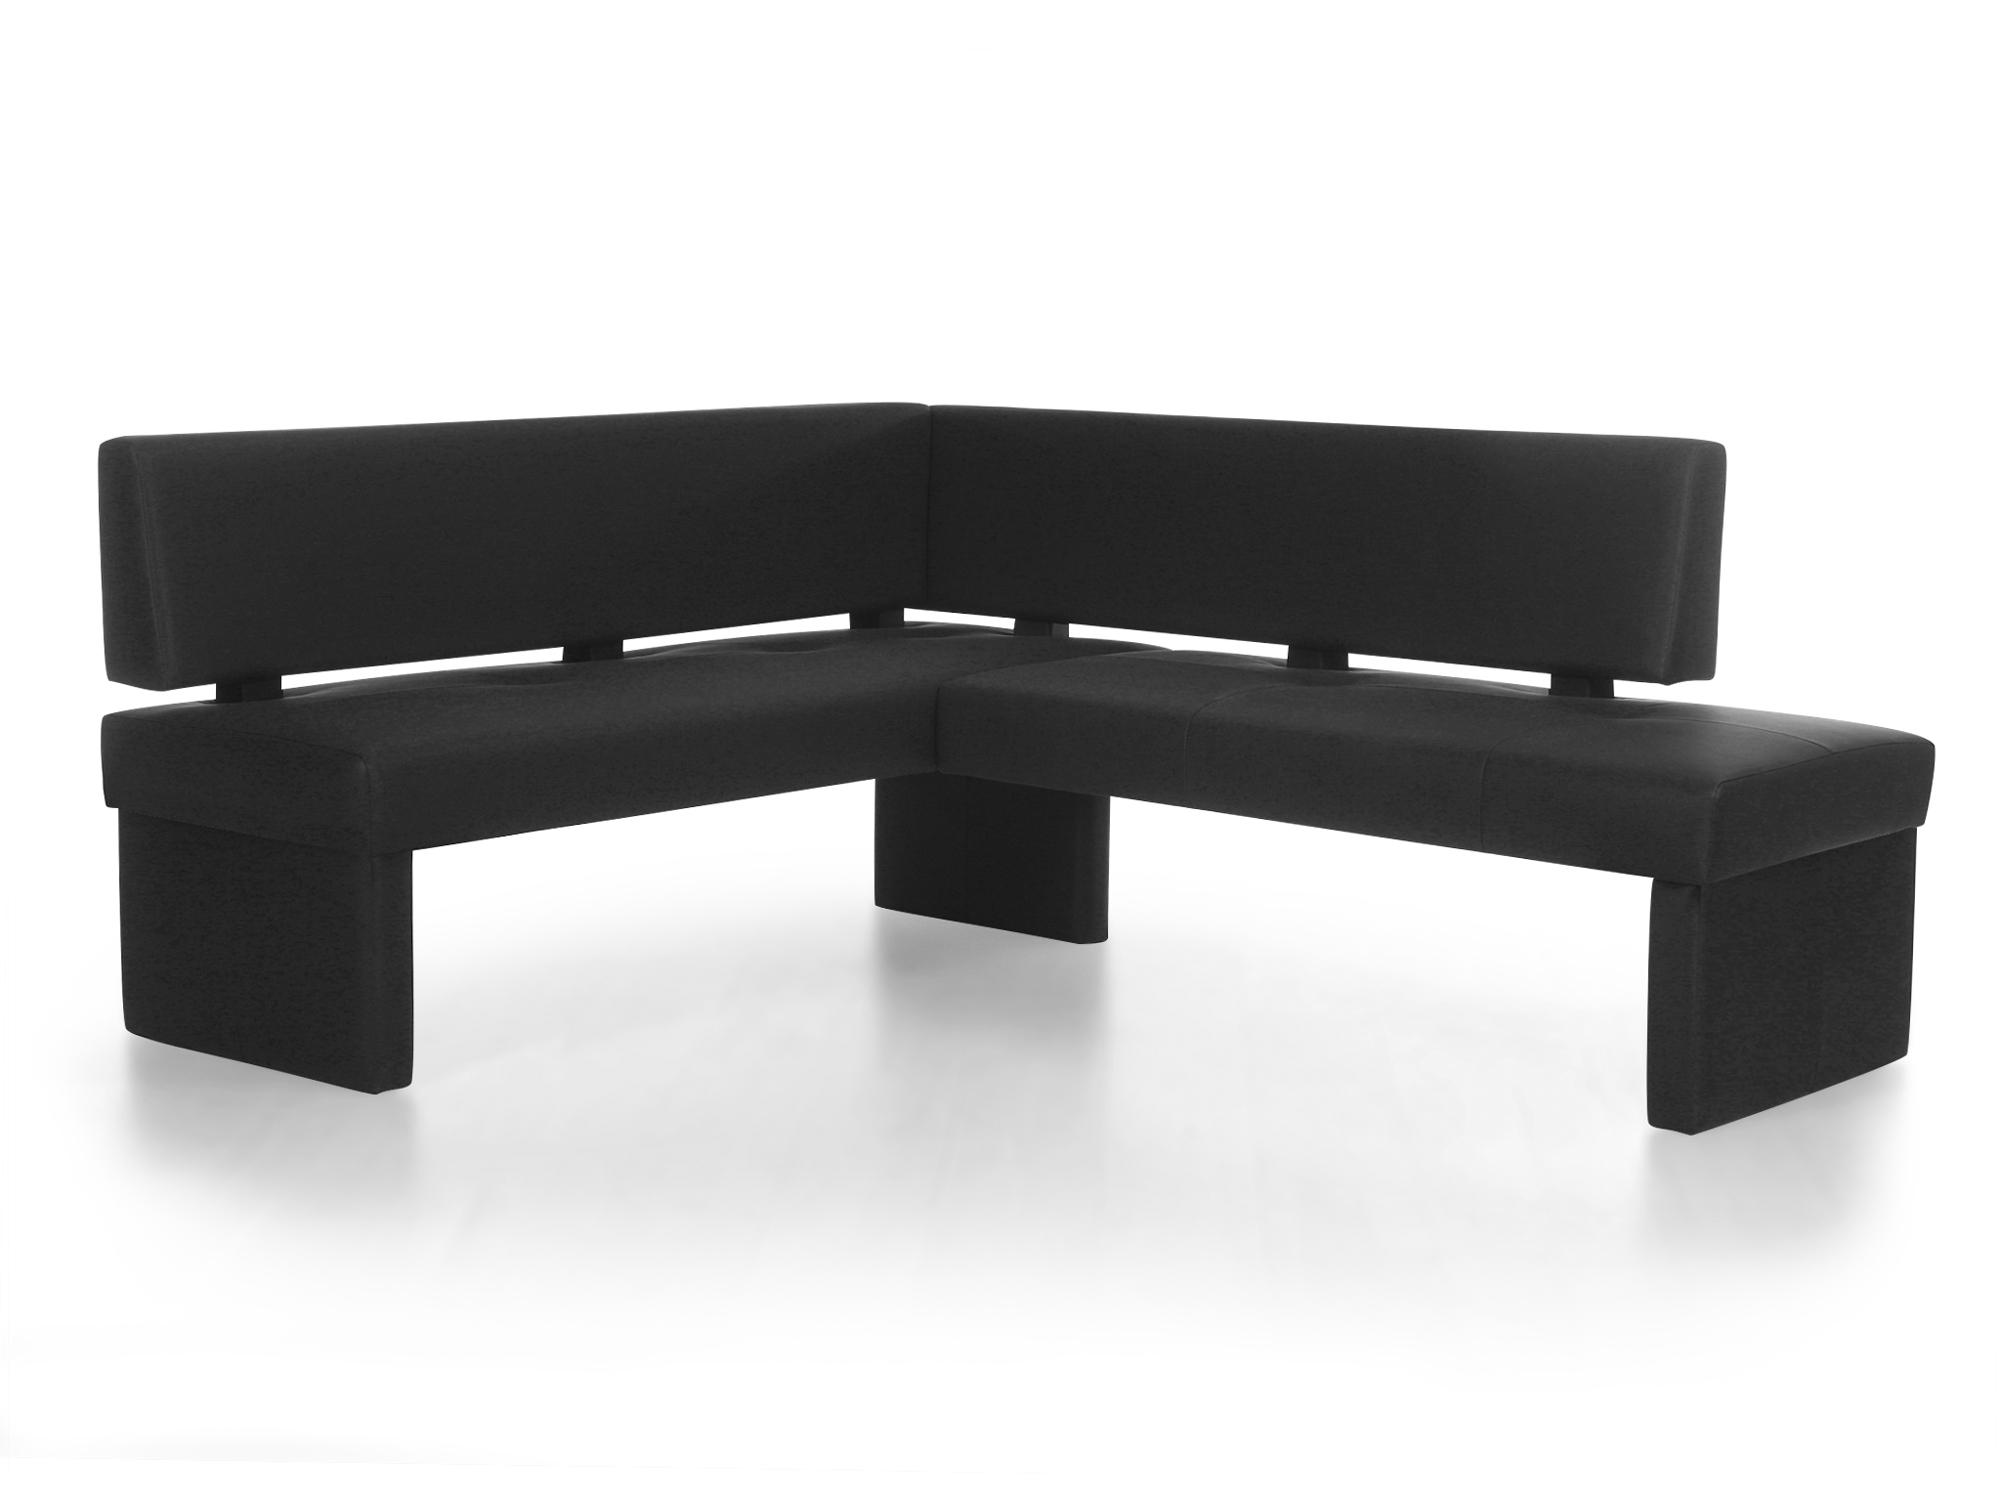 spider domino eckbank mit kunstlederbezug schwarz links. Black Bedroom Furniture Sets. Home Design Ideas